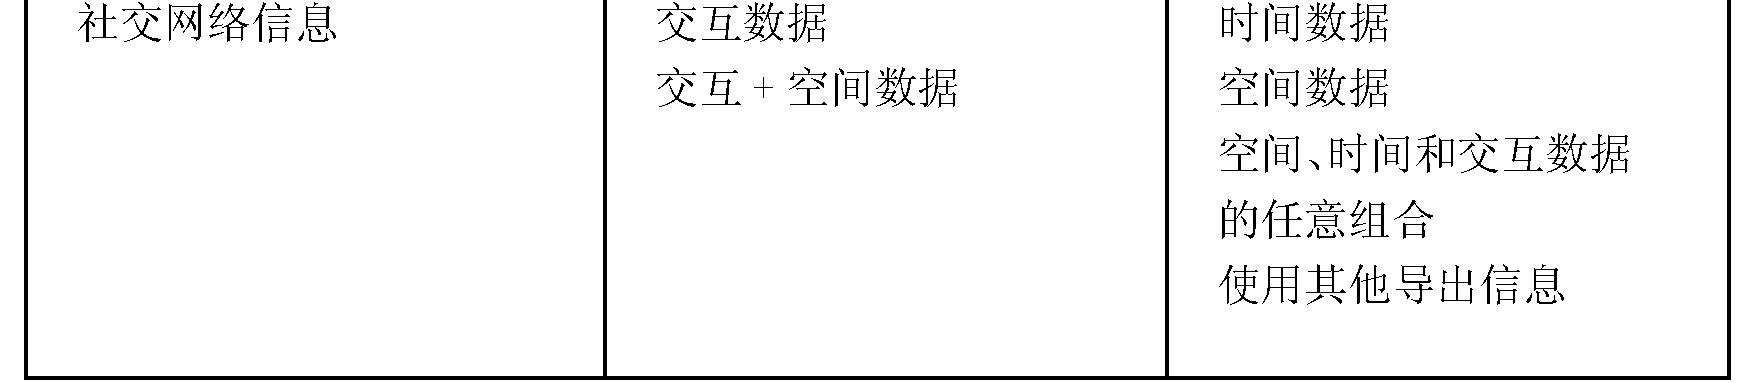 Figure CN101542941BD00171